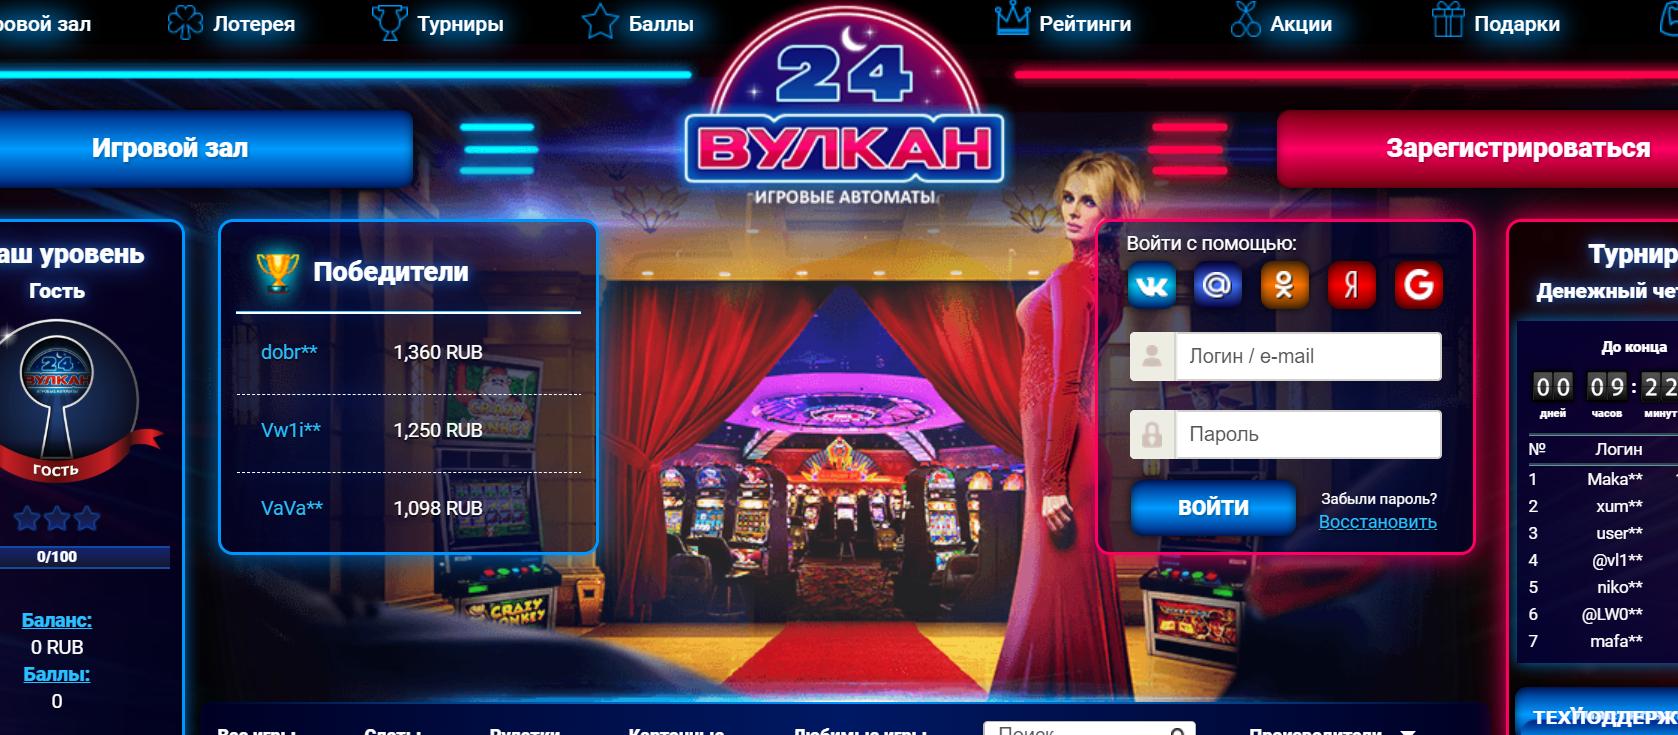 В чем особенность игровых аппаратов казино Вулкан 24